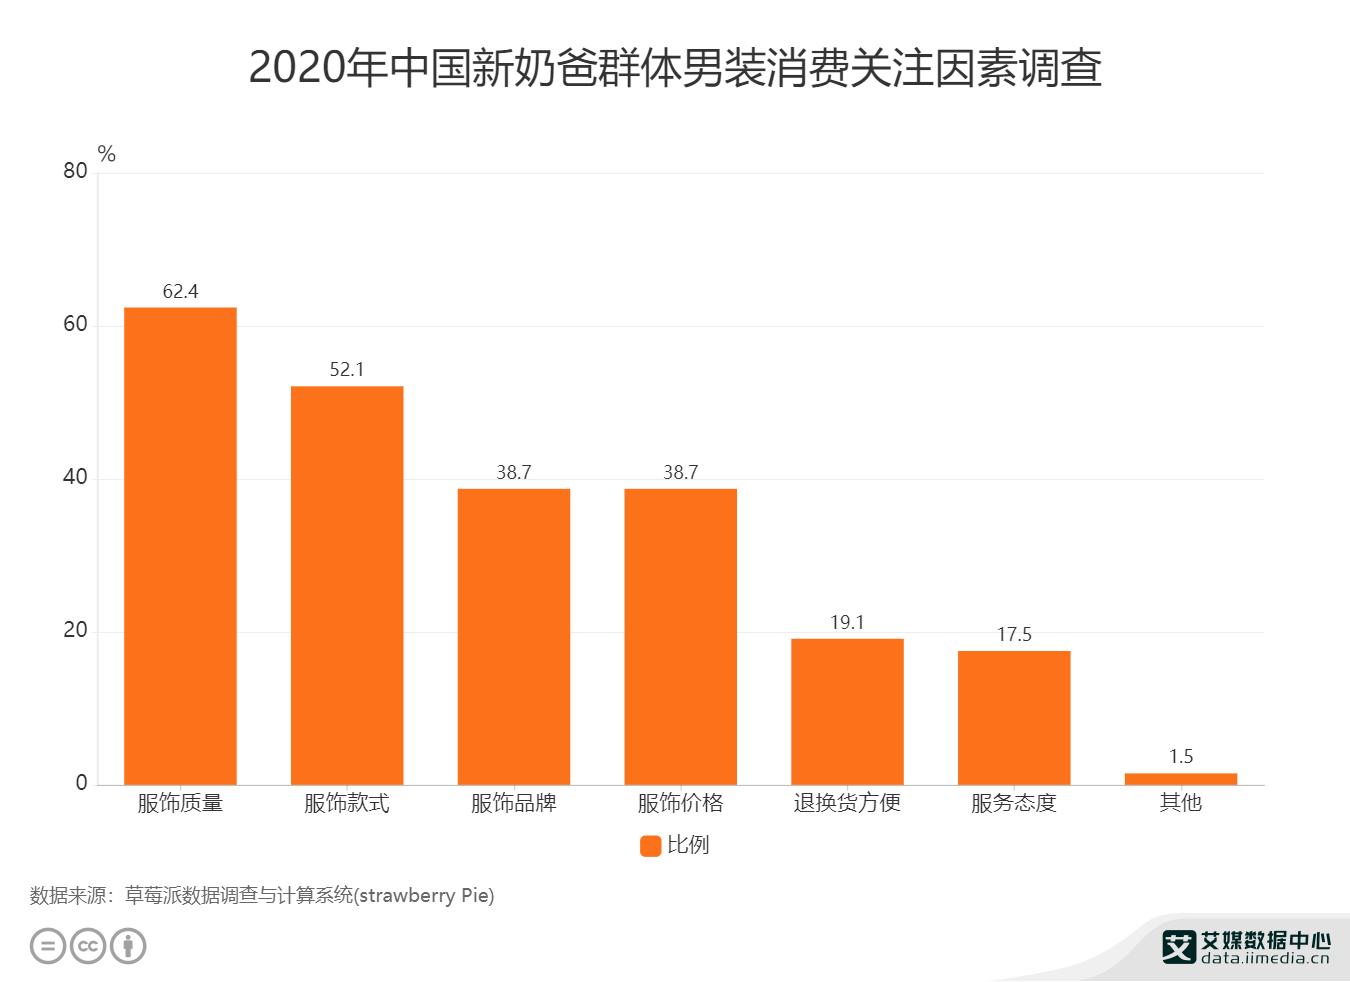 2020年中国新奶爸群体男装消费关注因素调查